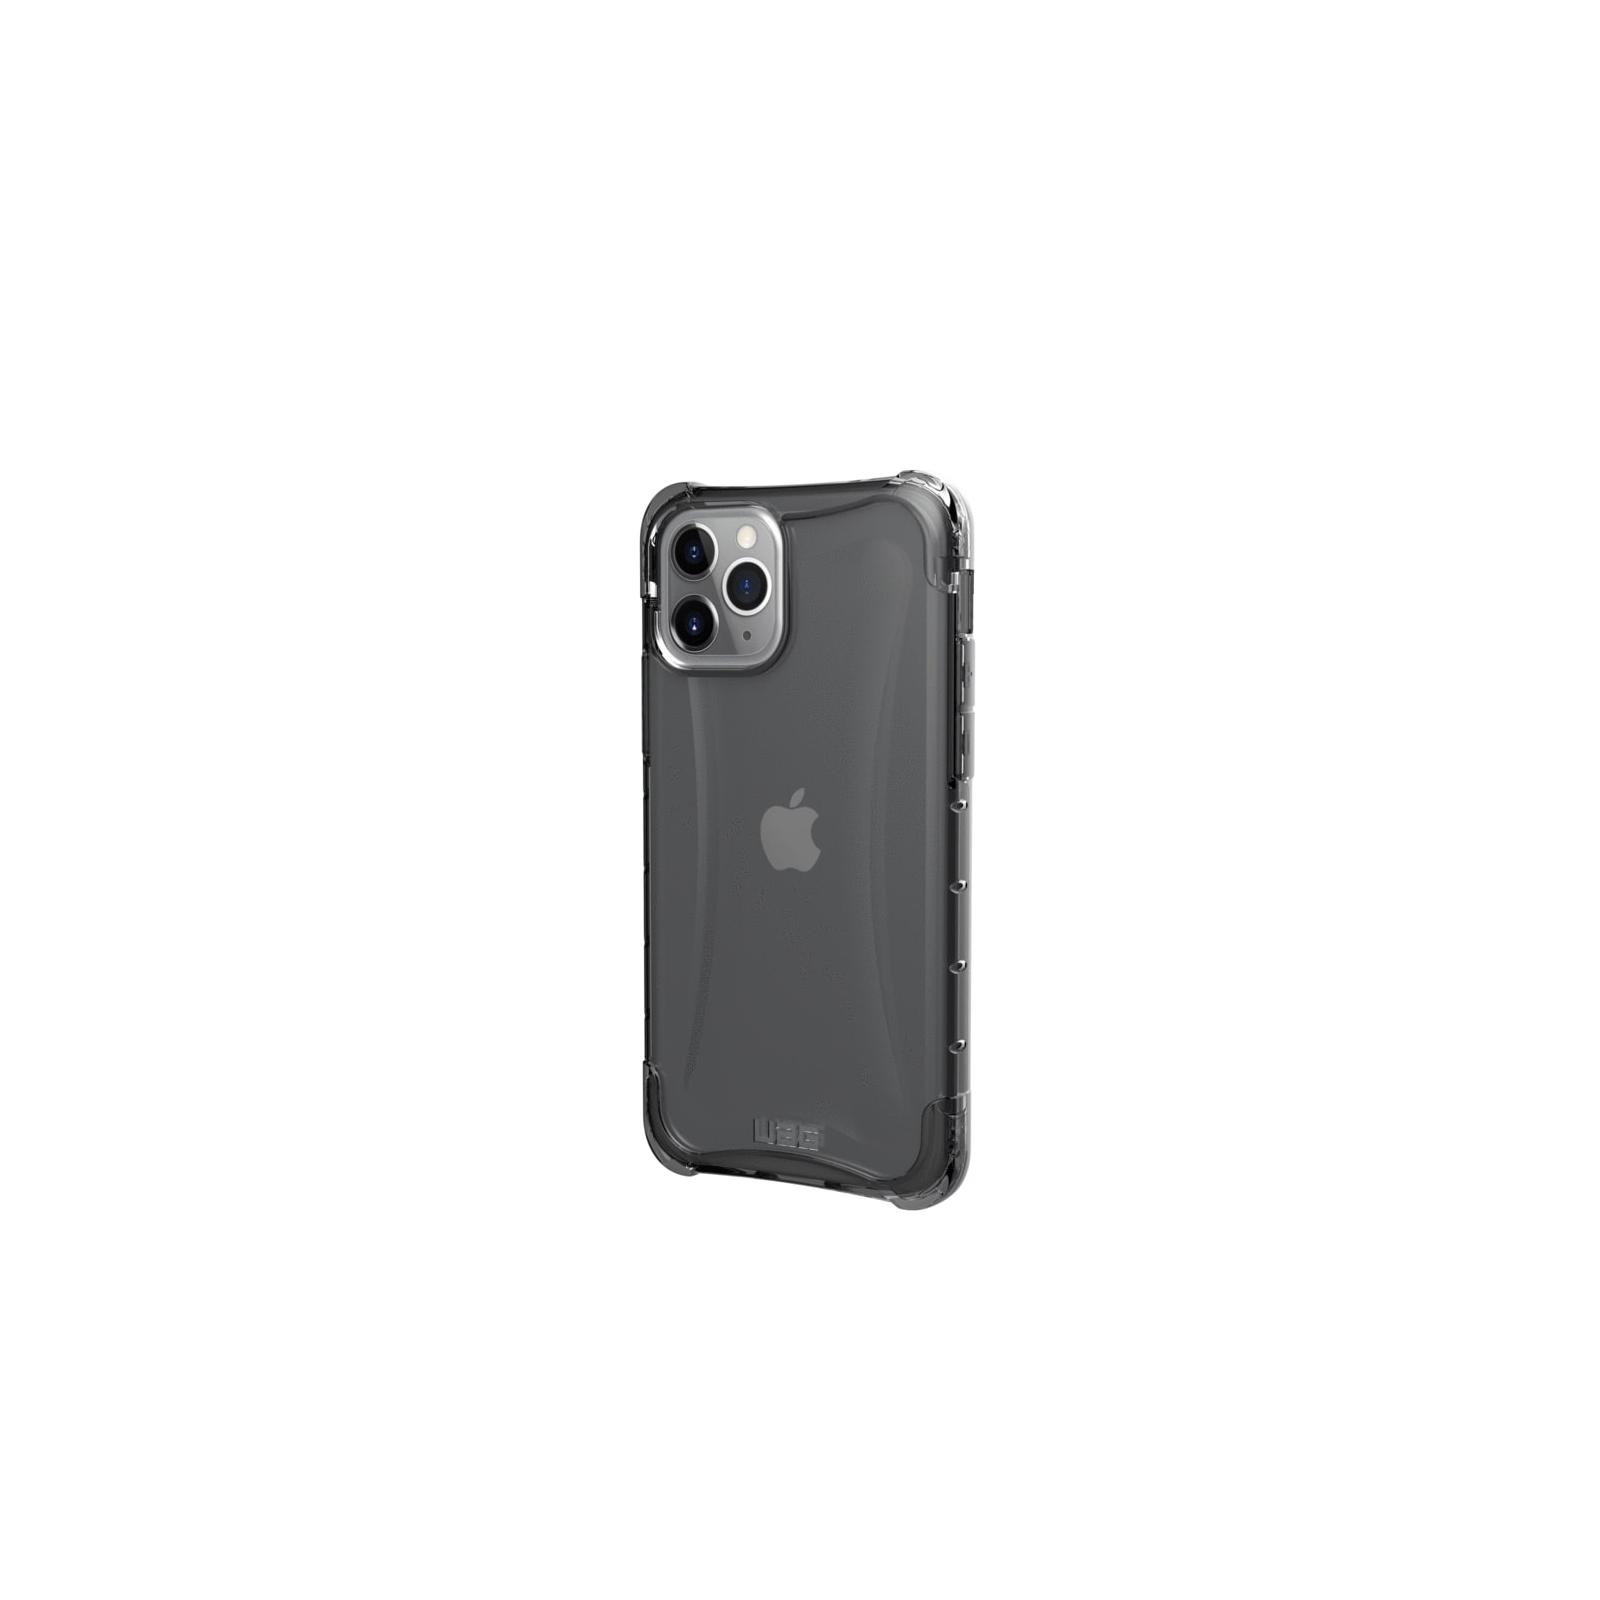 Чехол для моб. телефона Uag iPhone 11 Pro Plyo, Ash (111702113131) изображение 2